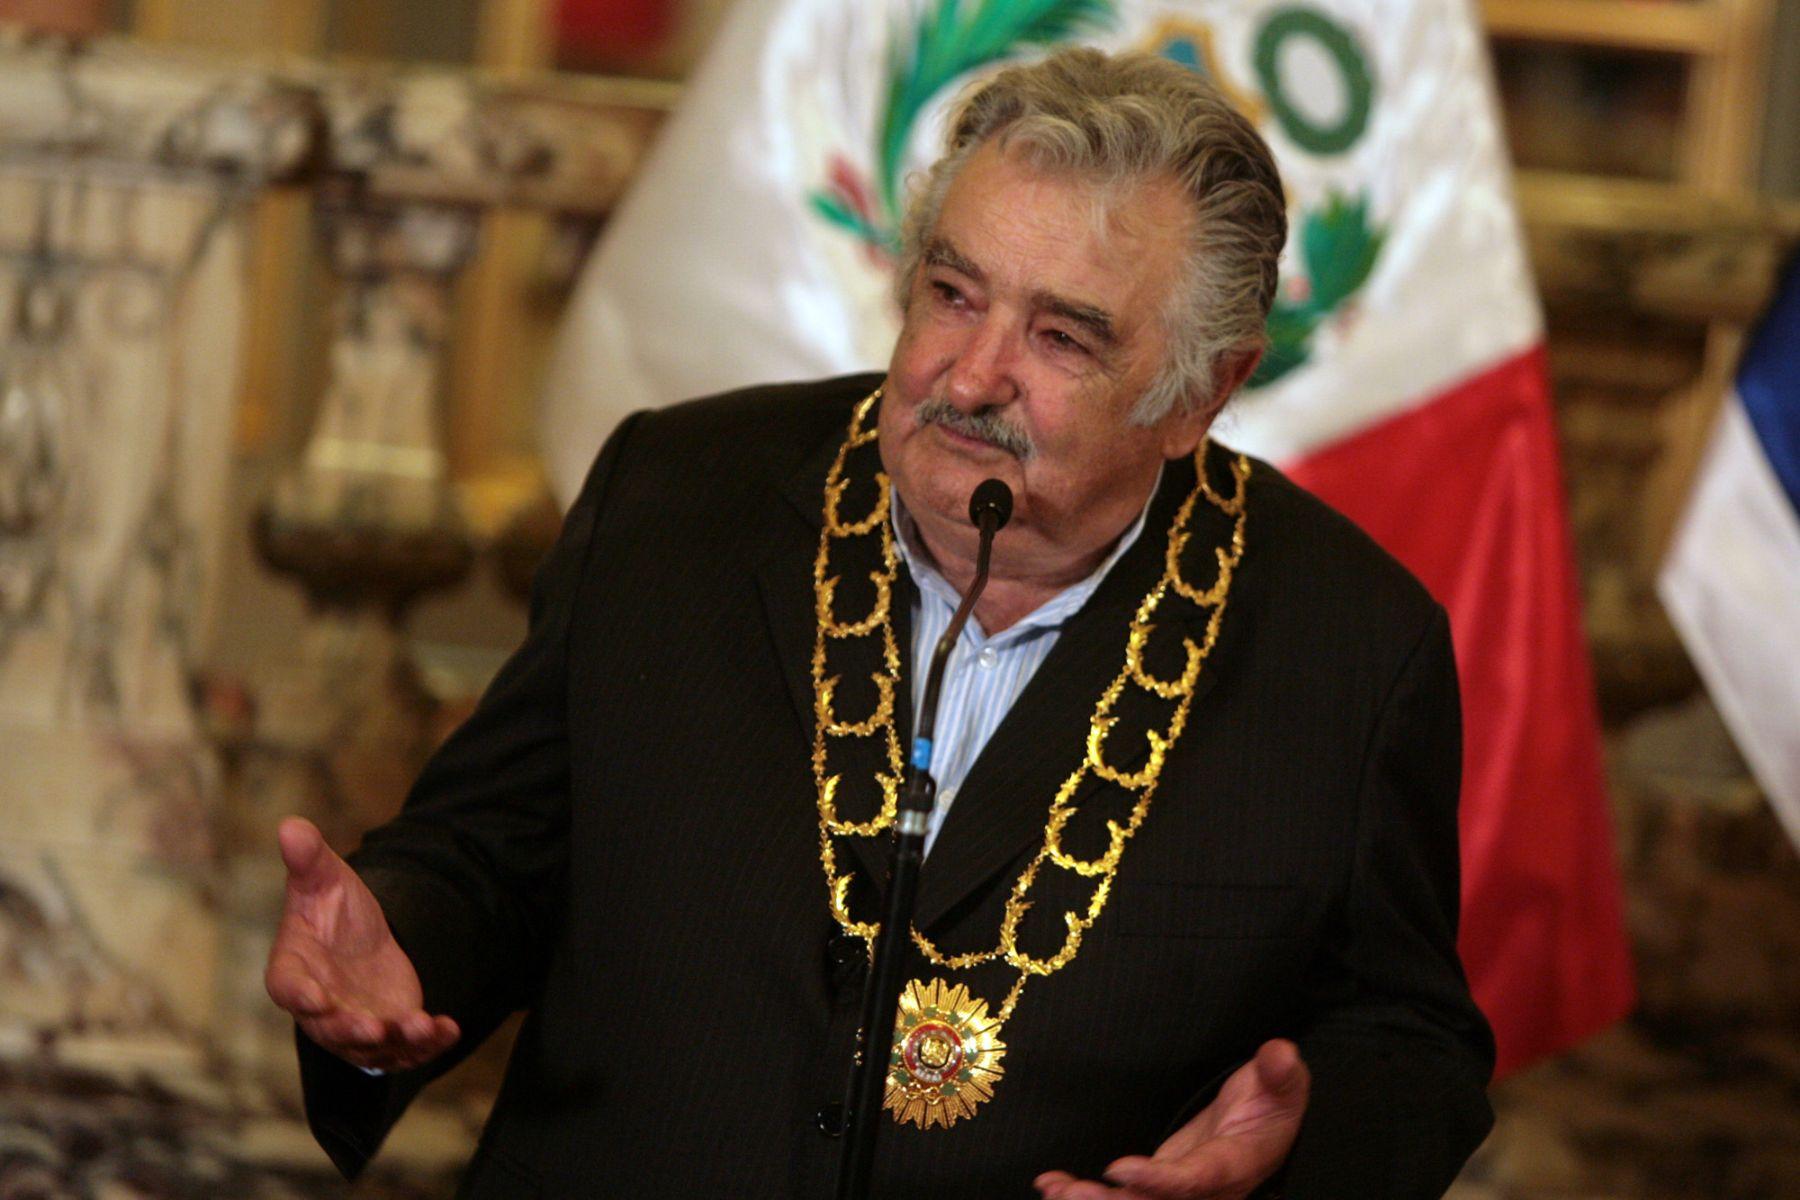 Presidente de Uruguay,José Alberto Mujica, recibe la condecoracion rden del Sol del Perù en Palacio de Gobierno ANDINA/Cesar García